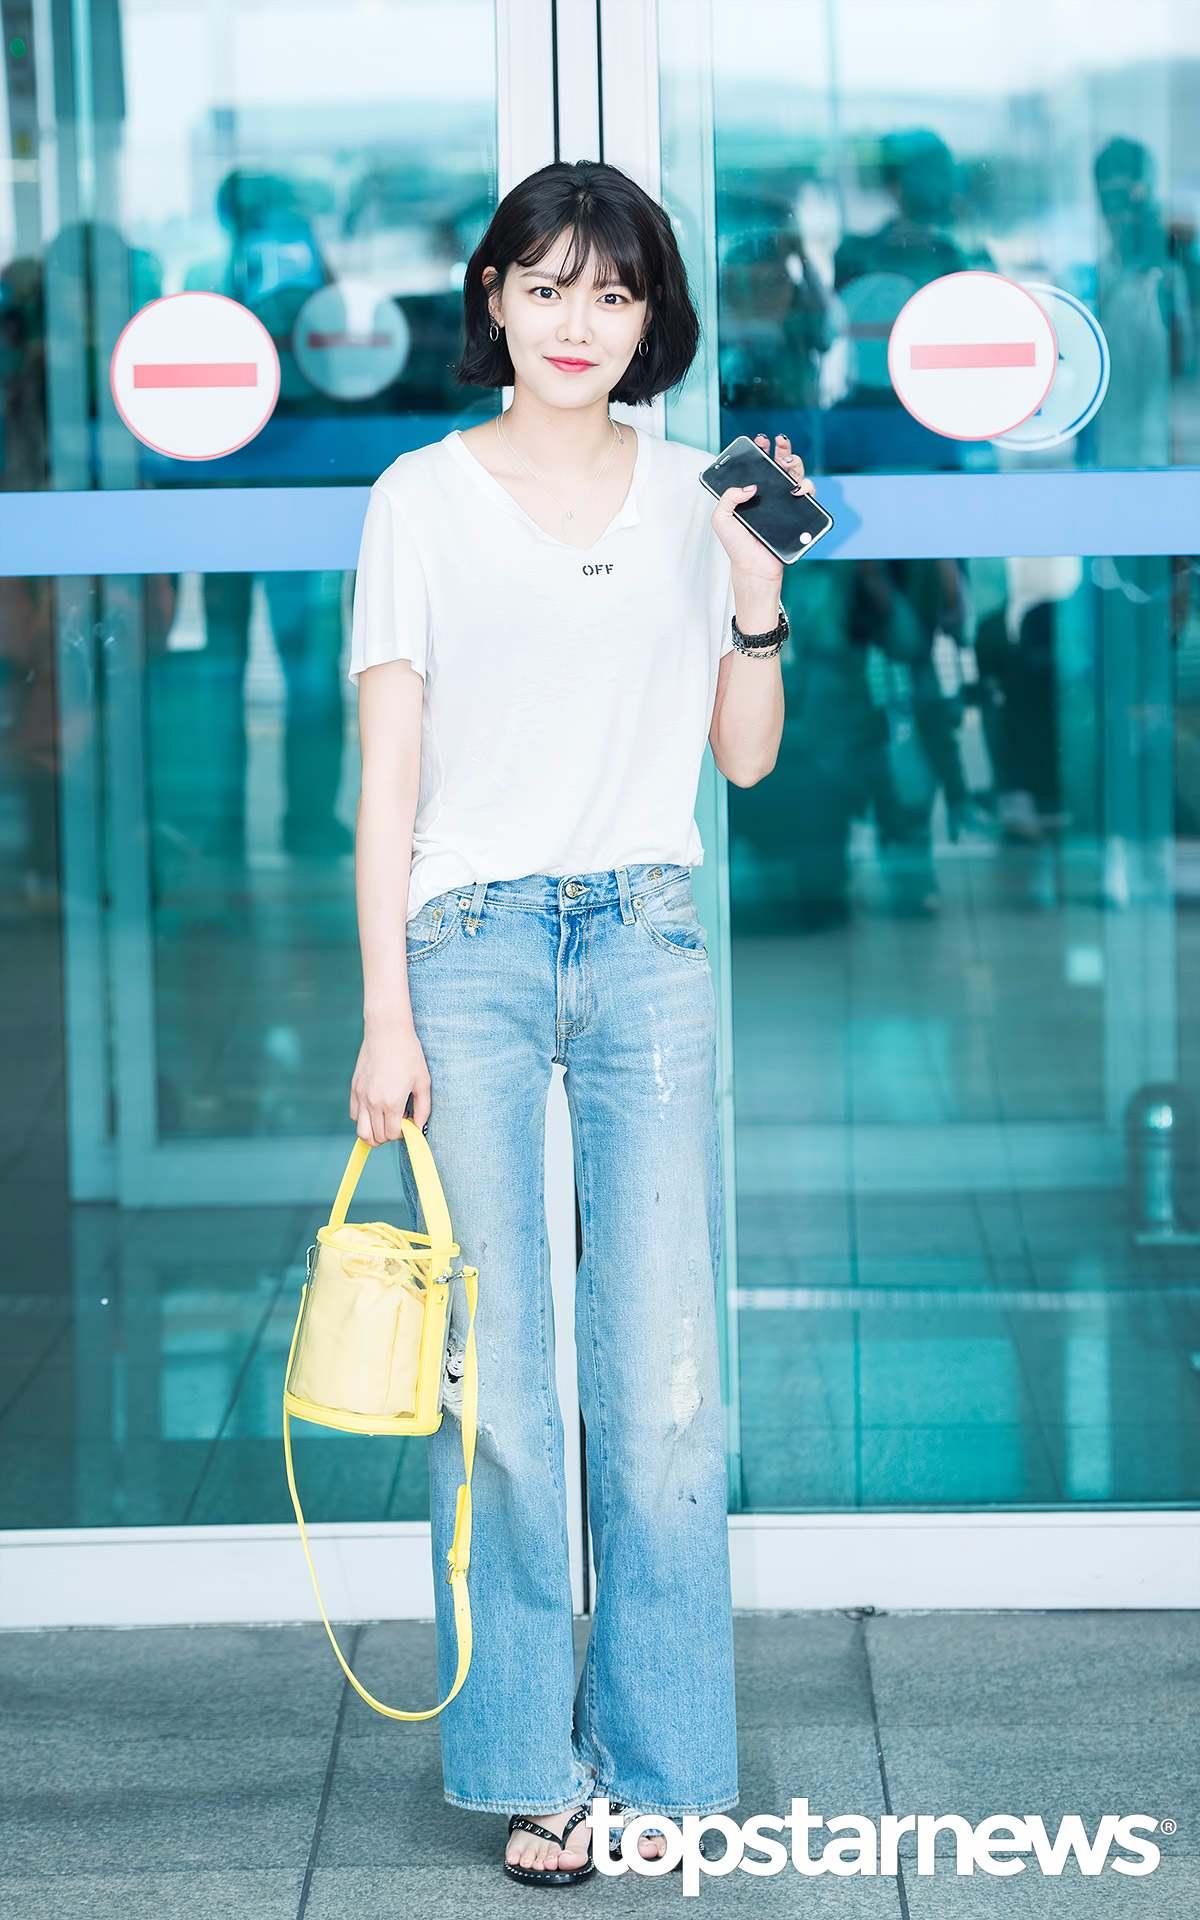 ①寬鬆的丹寧褲 比起緊身褲,今年夏天韓妞更流行搭配水洗色的寬鬆丹寧褲。 也剛好適合腿粗的女生~~